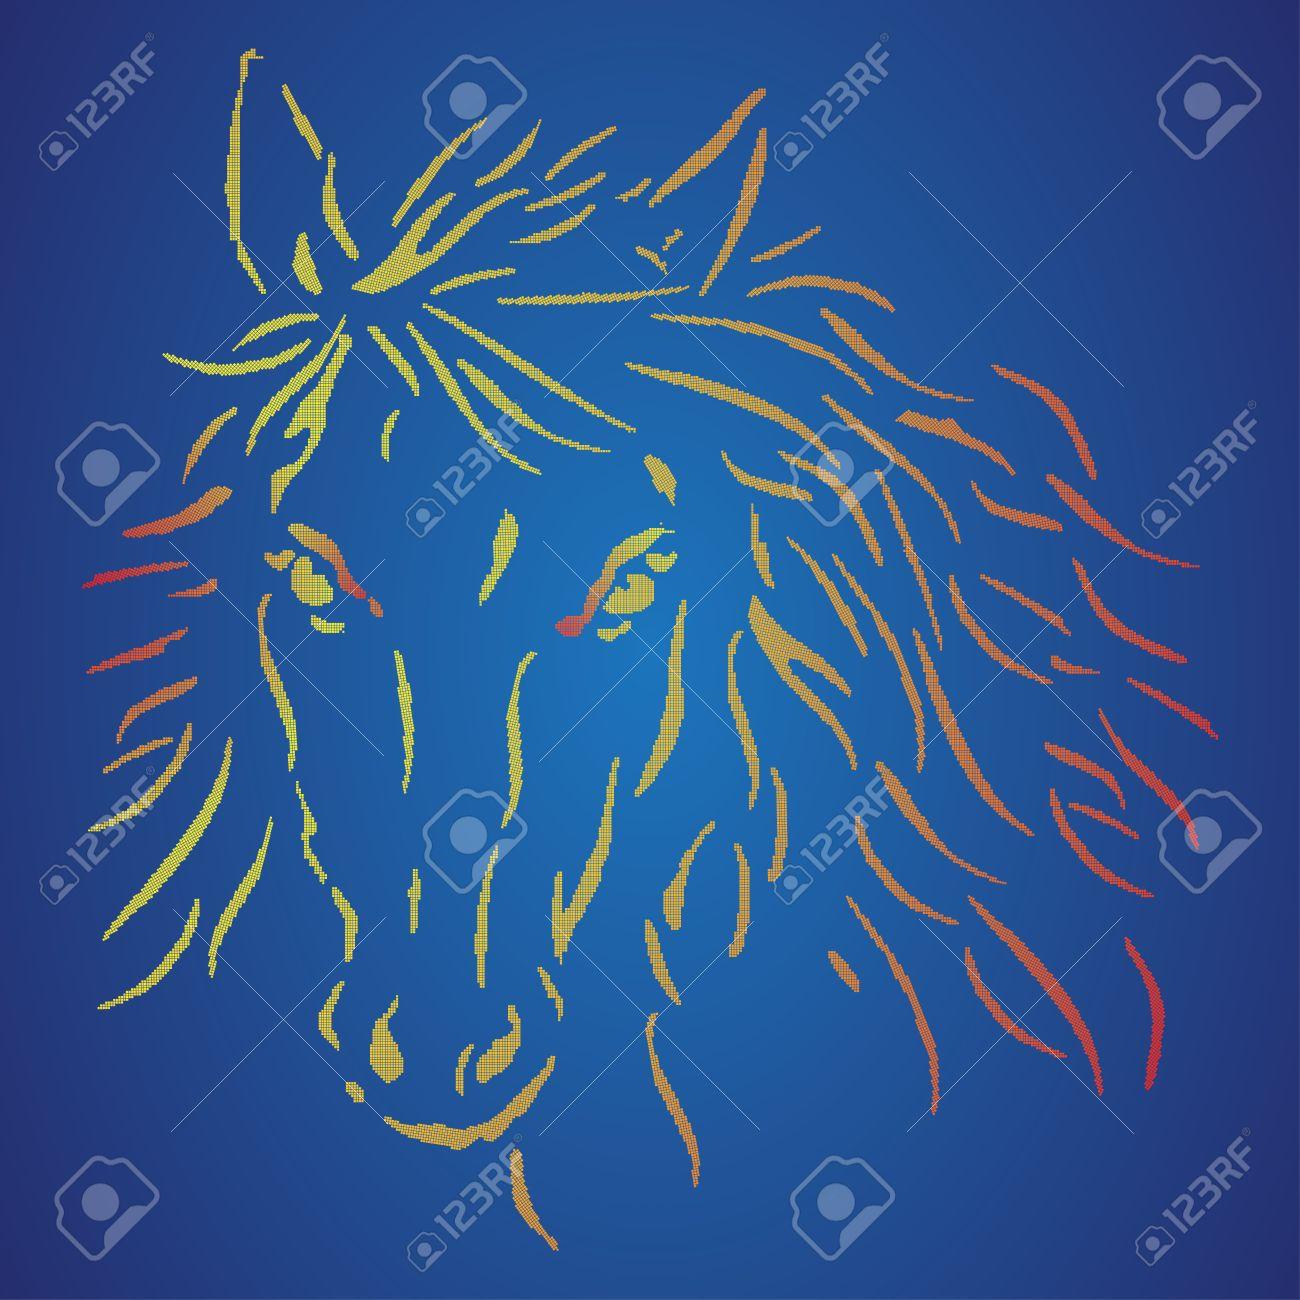 La Tête Du Cheval Sur Un Fond Bleu Pixel Art Cheval Signe Polo Illustration